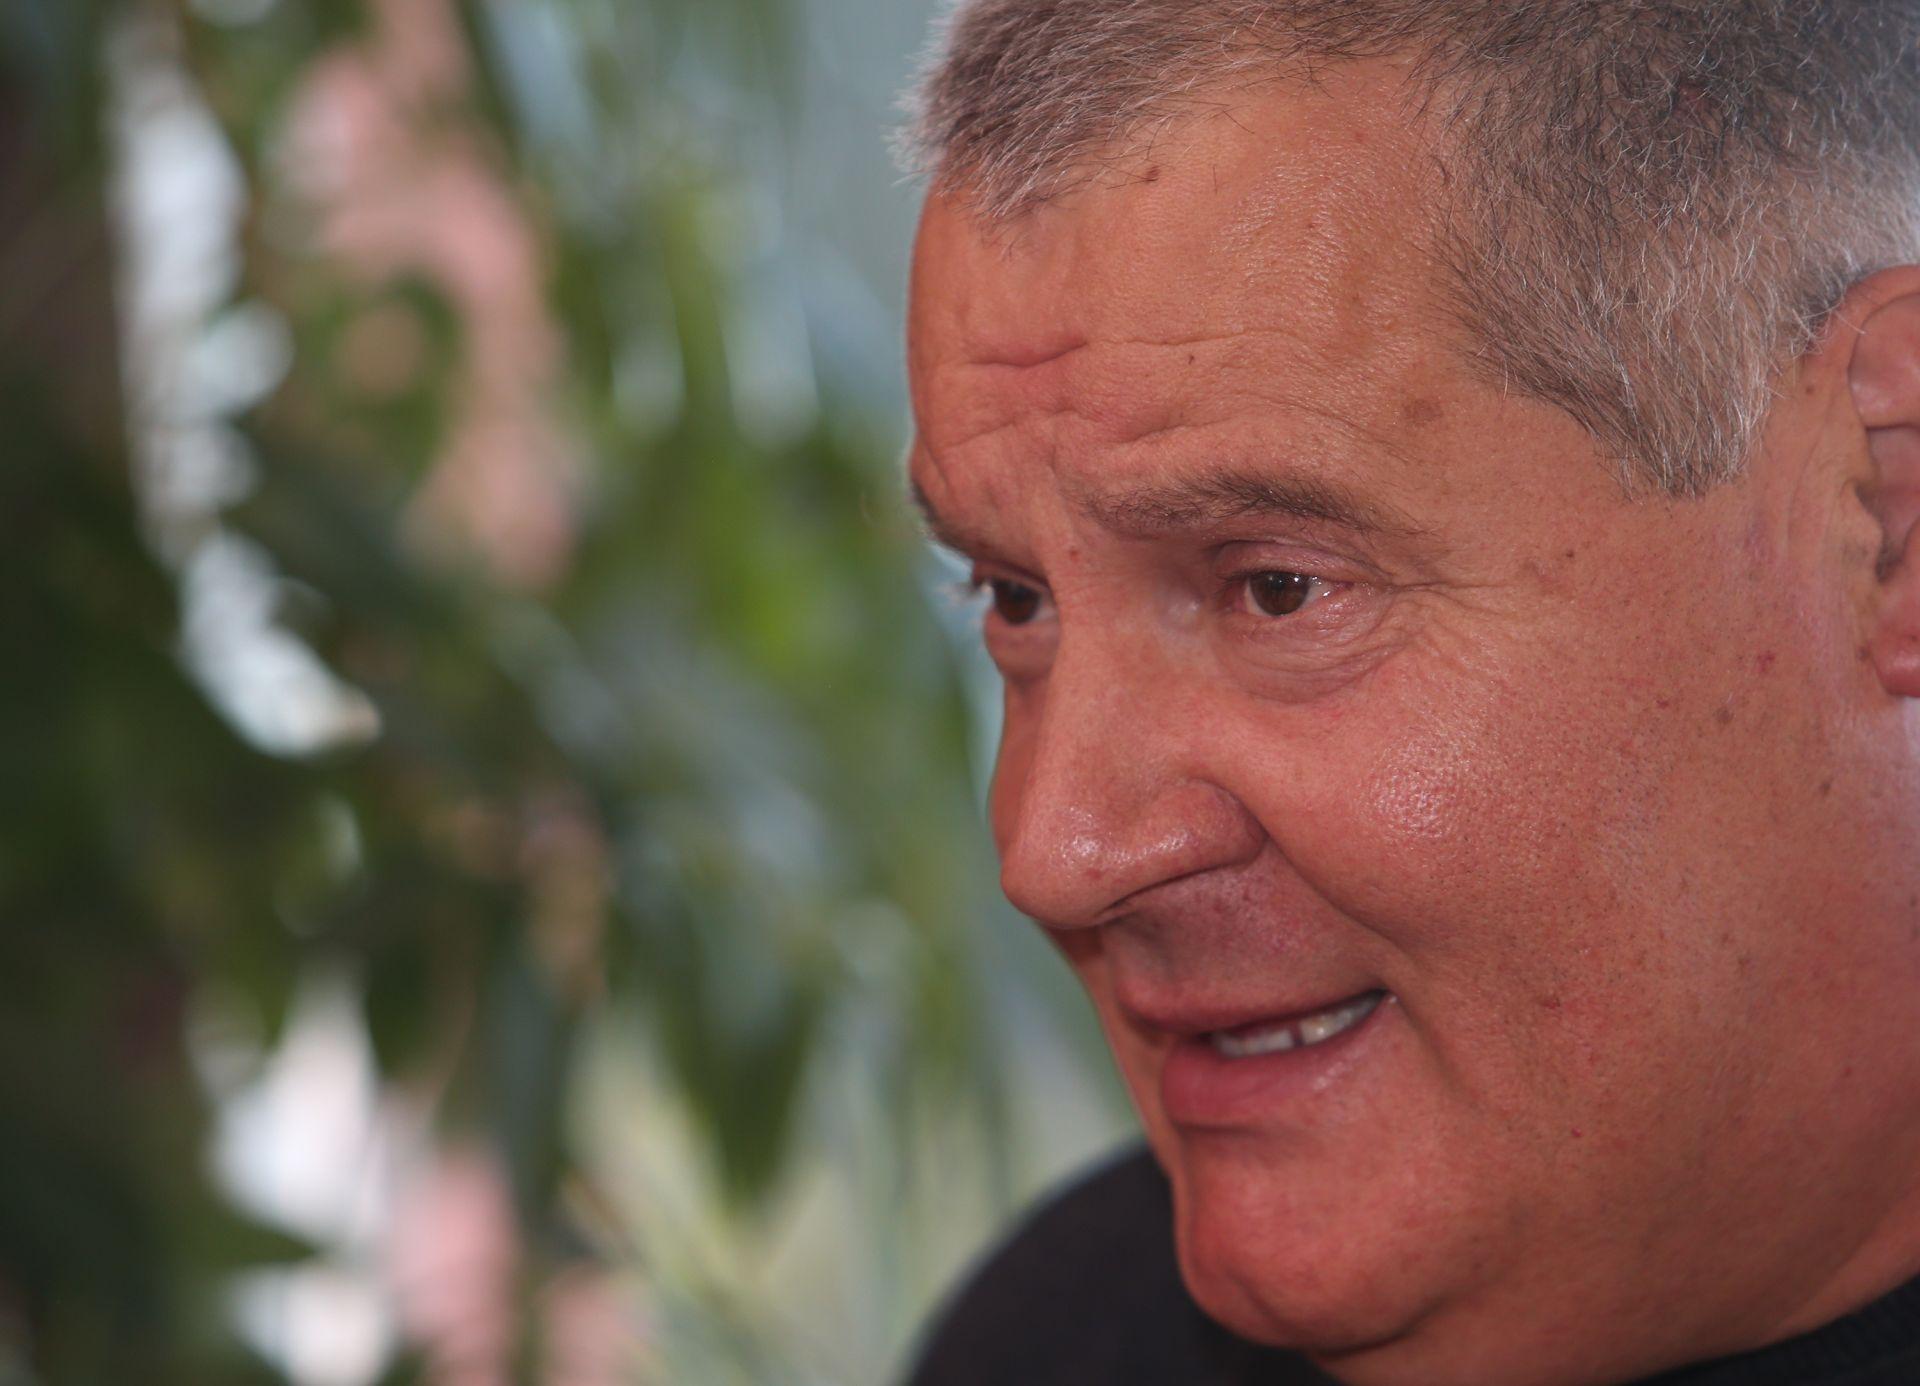 VRH HSS-A PONIŠTIO ODLUKU BRANKA HRGA Stipo Gabrić Jambo ostaje član stranke